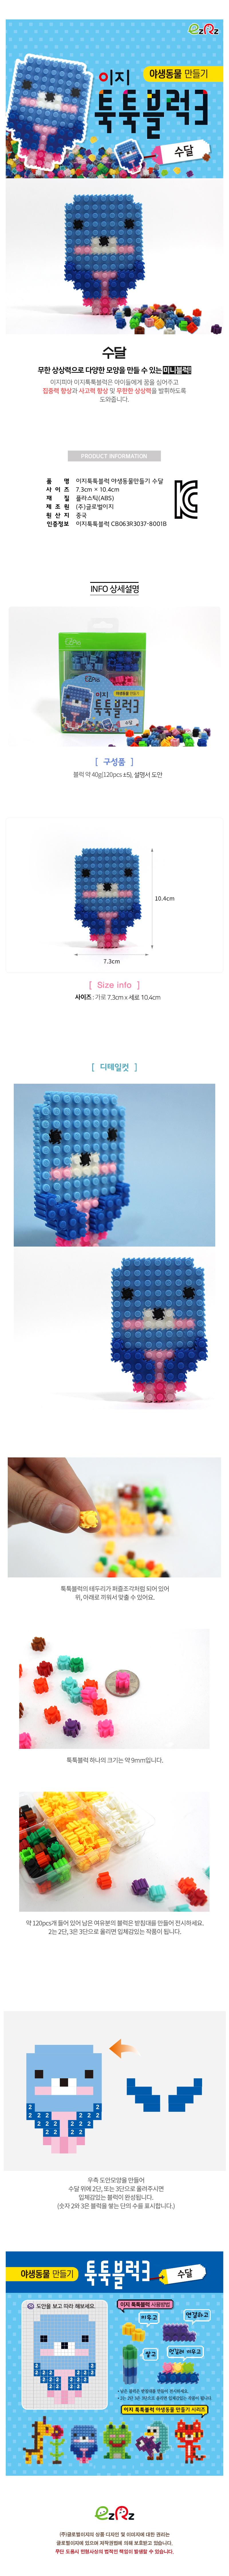 이지 툭툭블럭만들기 (수달)1,770원-이지피아키덜트/취미, 블록/퍼즐, 레고/블록, 블록완구바보사랑이지 툭툭블럭만들기 (수달)1,770원-이지피아키덜트/취미, 블록/퍼즐, 레고/블록, 블록완구바보사랑